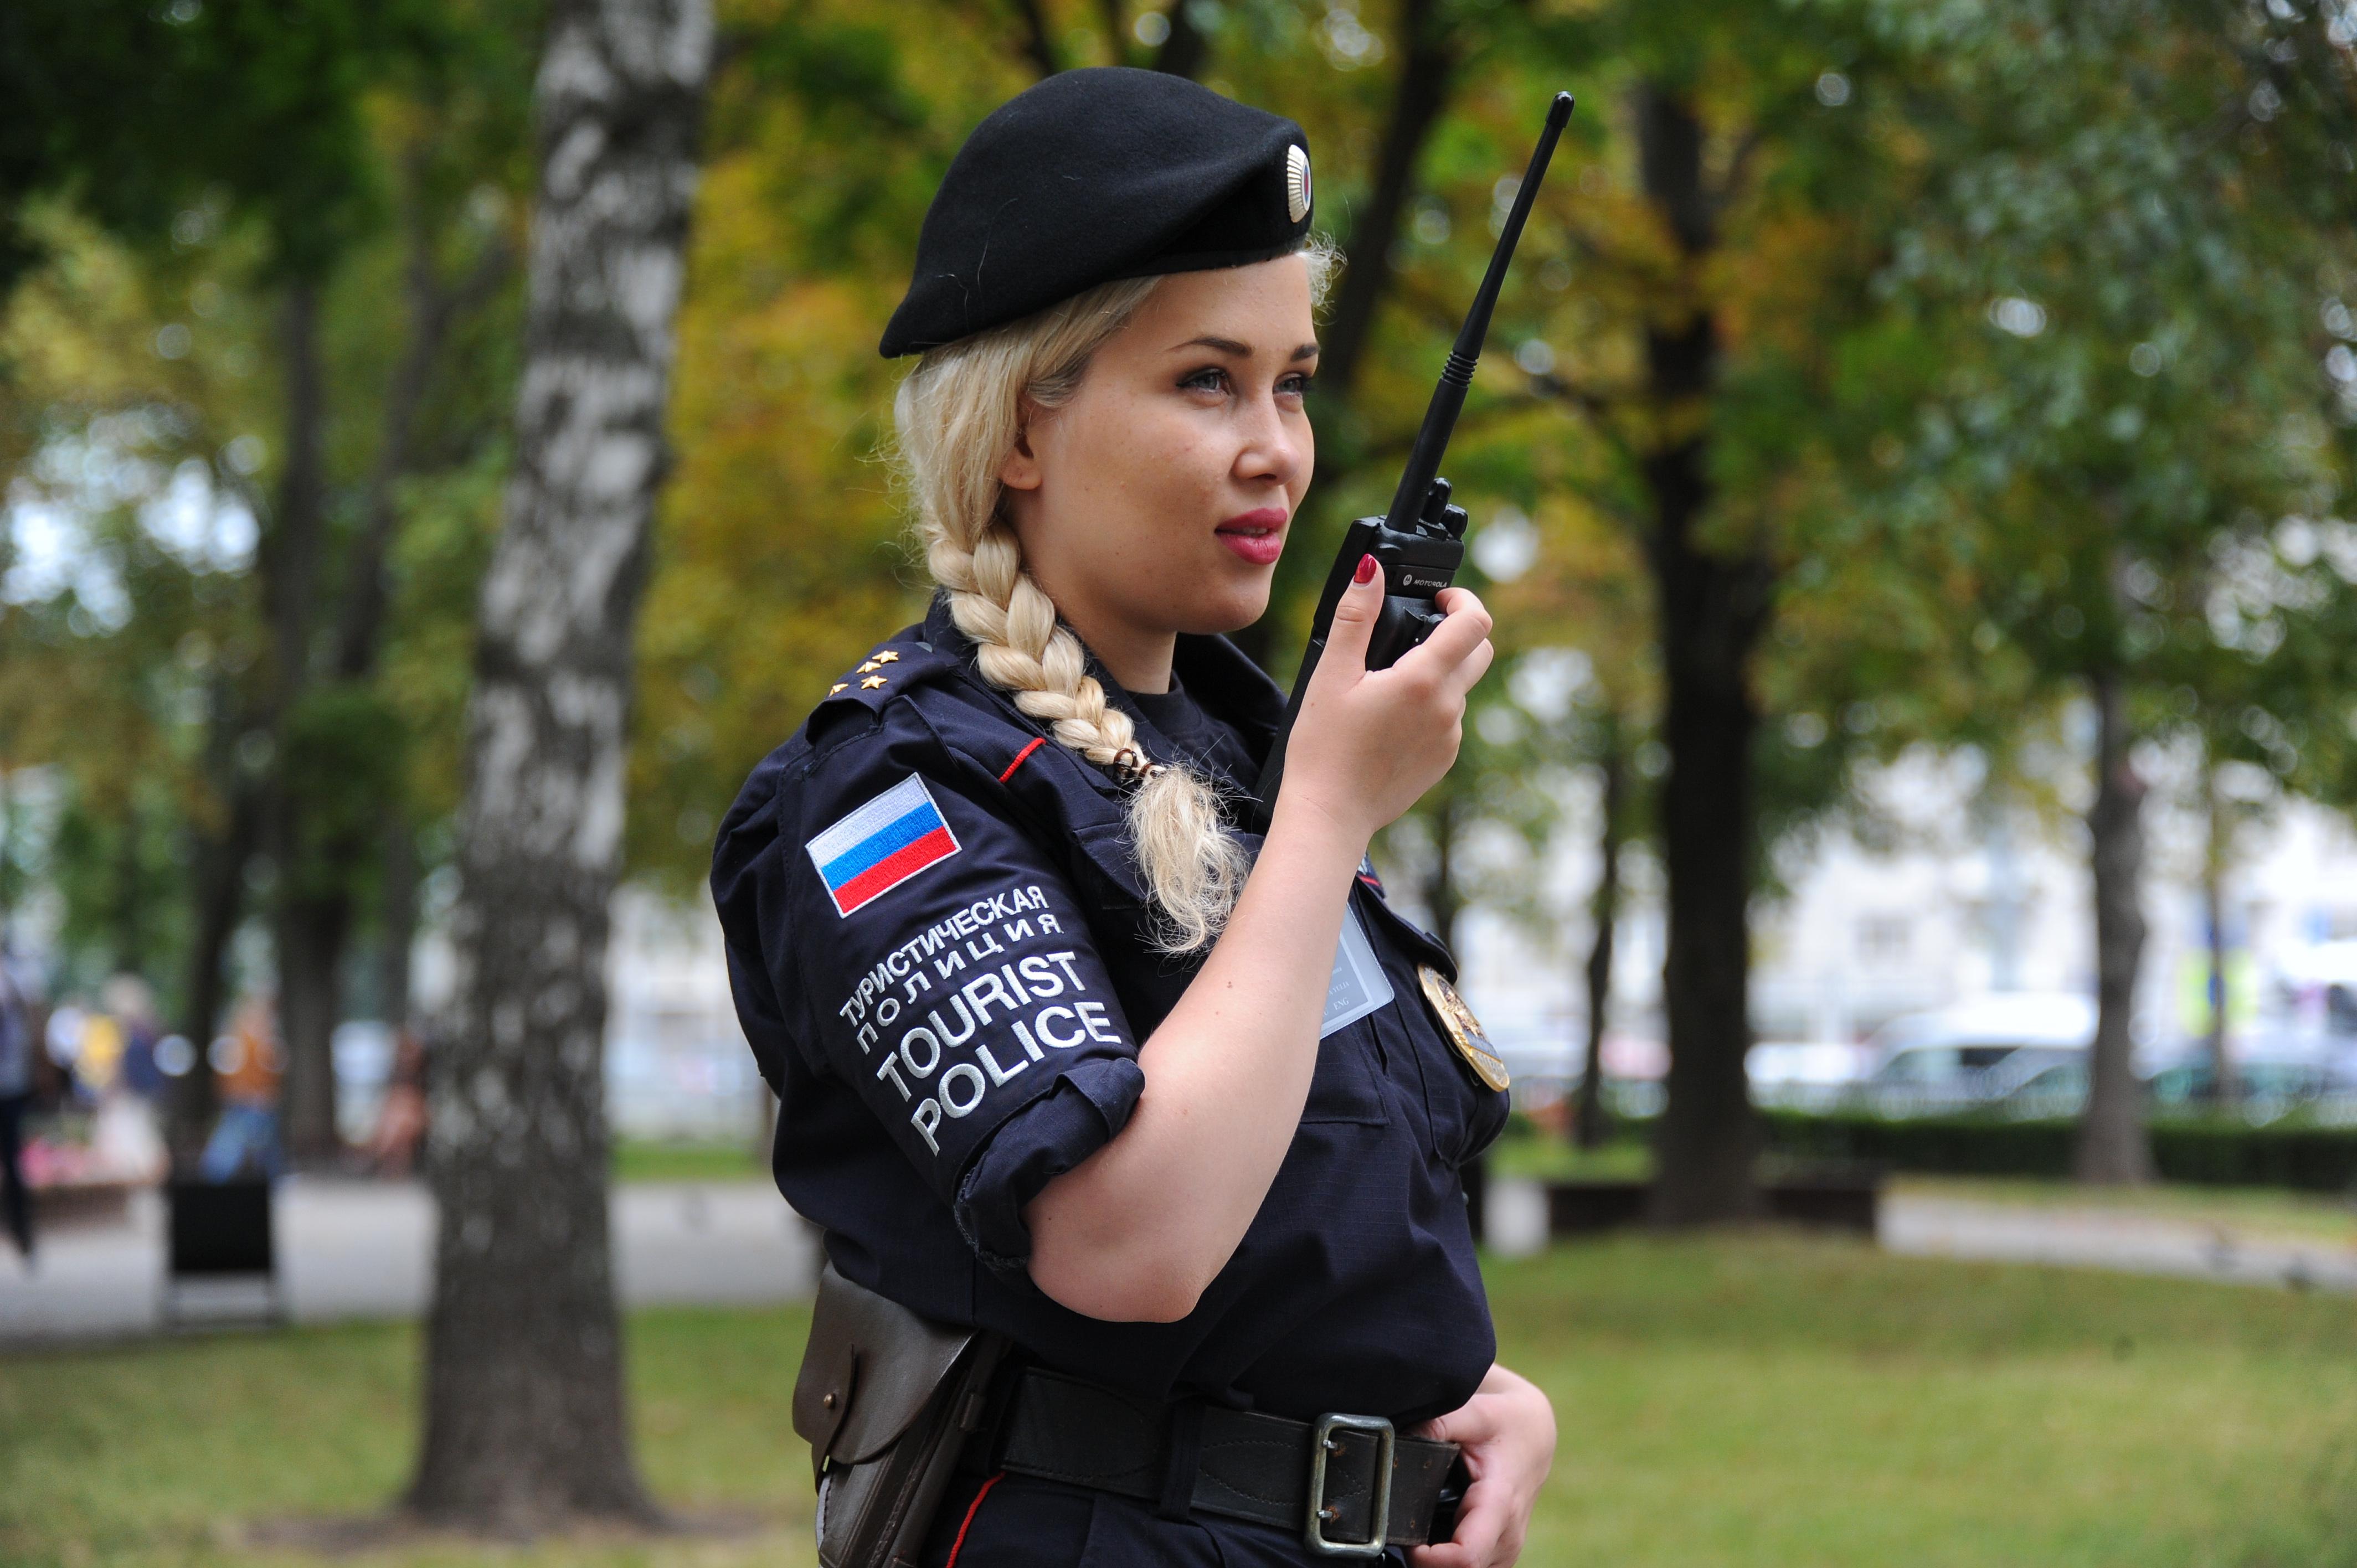 Полицейские района Бирюлево Восточное задержали подозреваемого в попытке сбыта героина